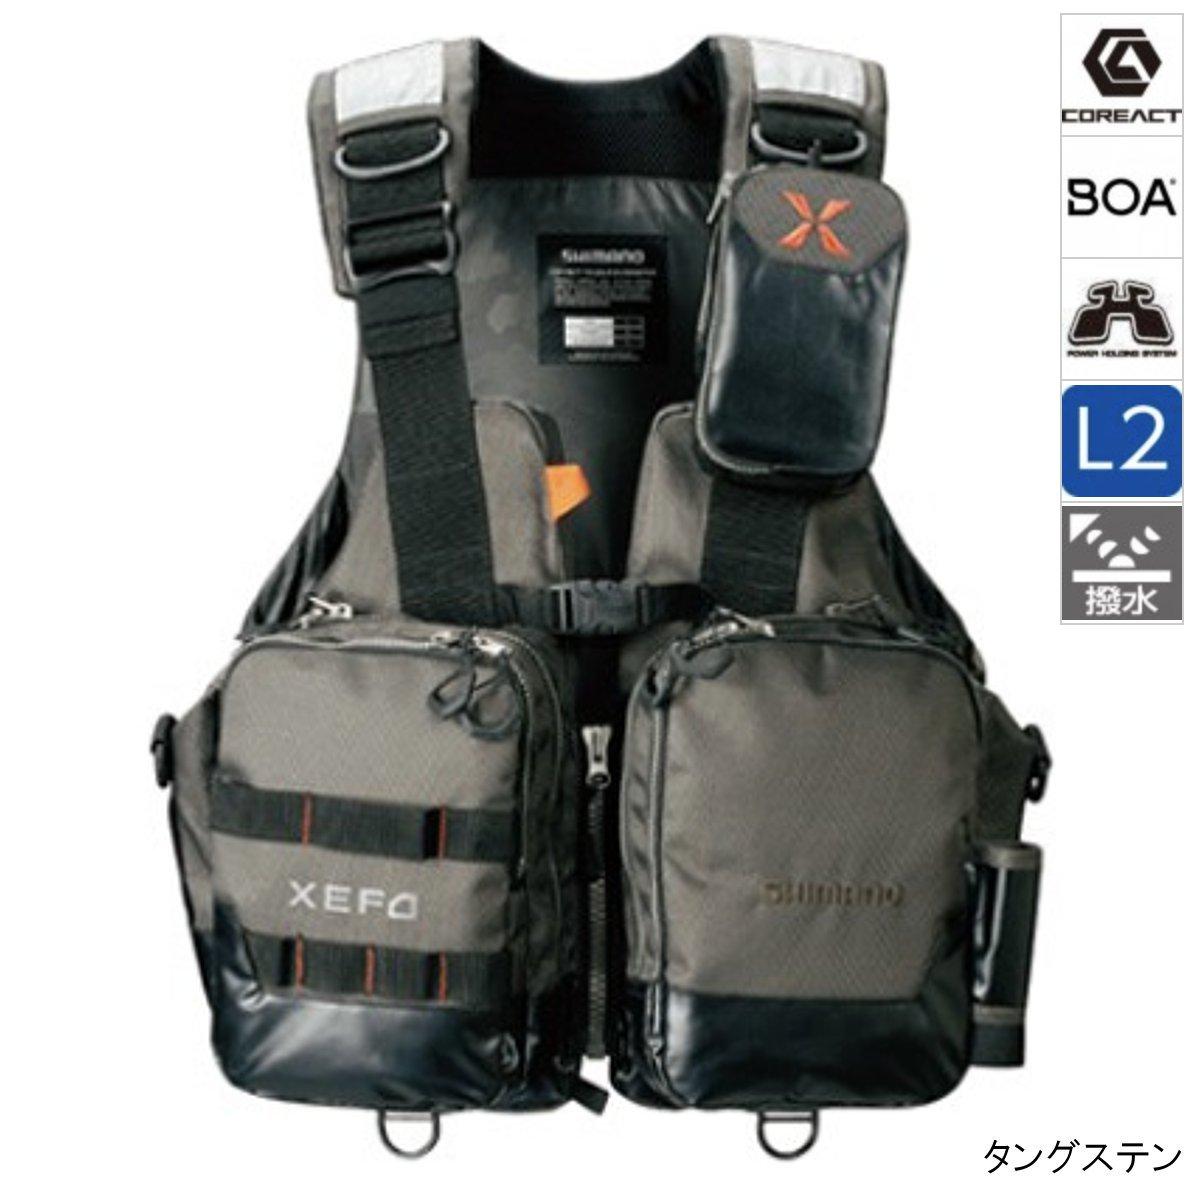 シマノ XEFO・アクトゲームベスト VF-274R XL タングステン